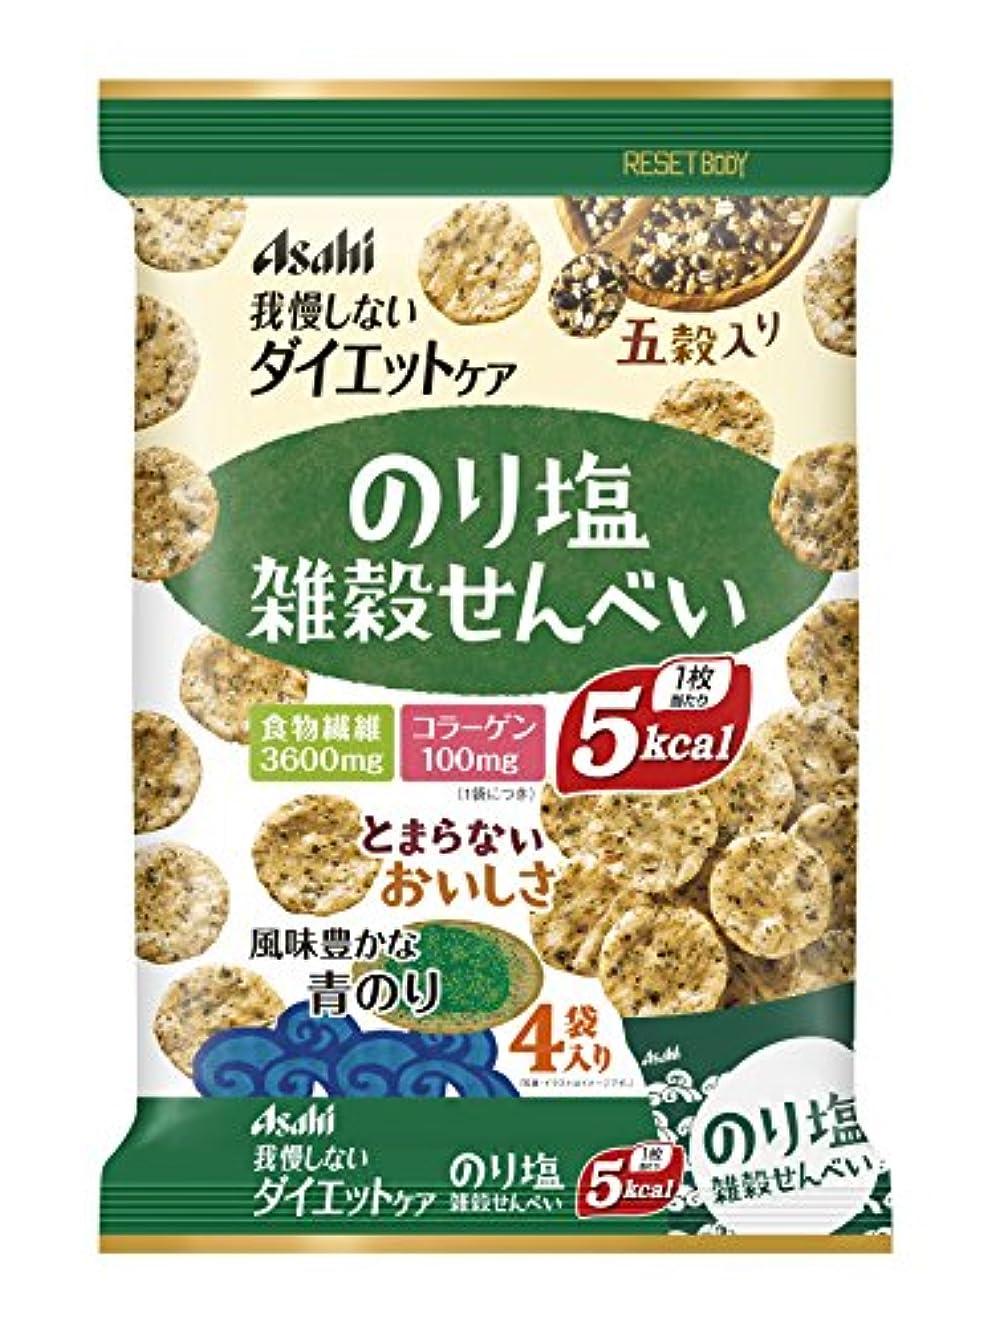 科学的提案する呼びかけるアサヒグループ食品 リセットボディ 雑穀せんべい のり塩味 88g(22g×4袋)